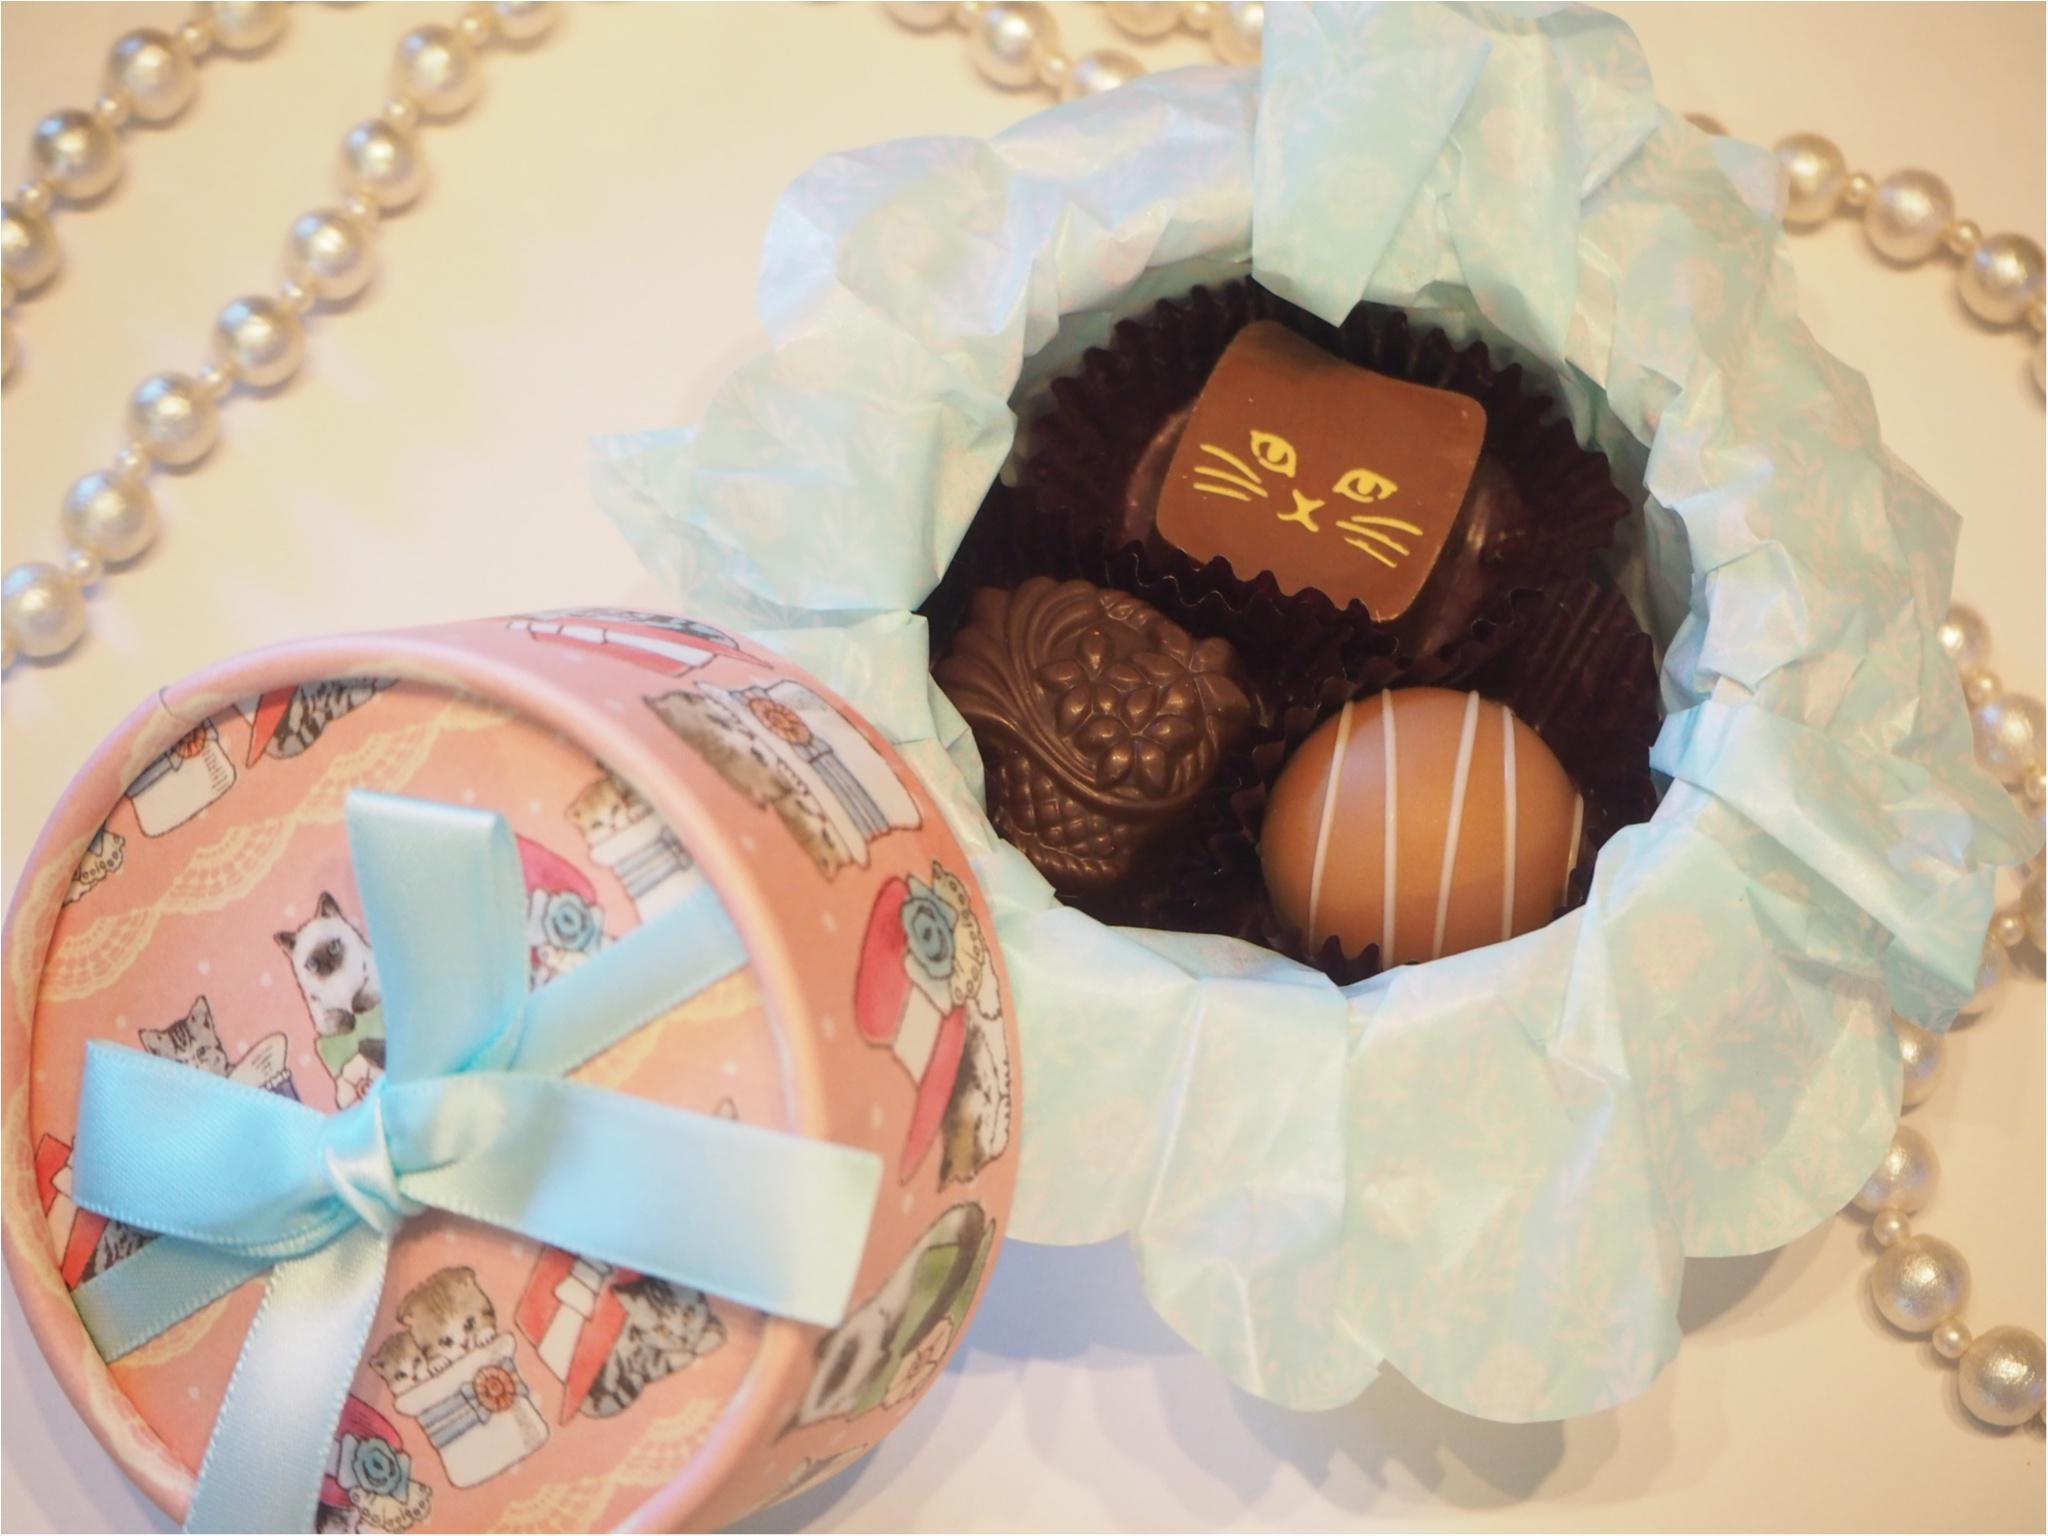 【バレンタインデー直前】今欲しいのは500円台で買えるお手軽ご褒美チョコ!_3